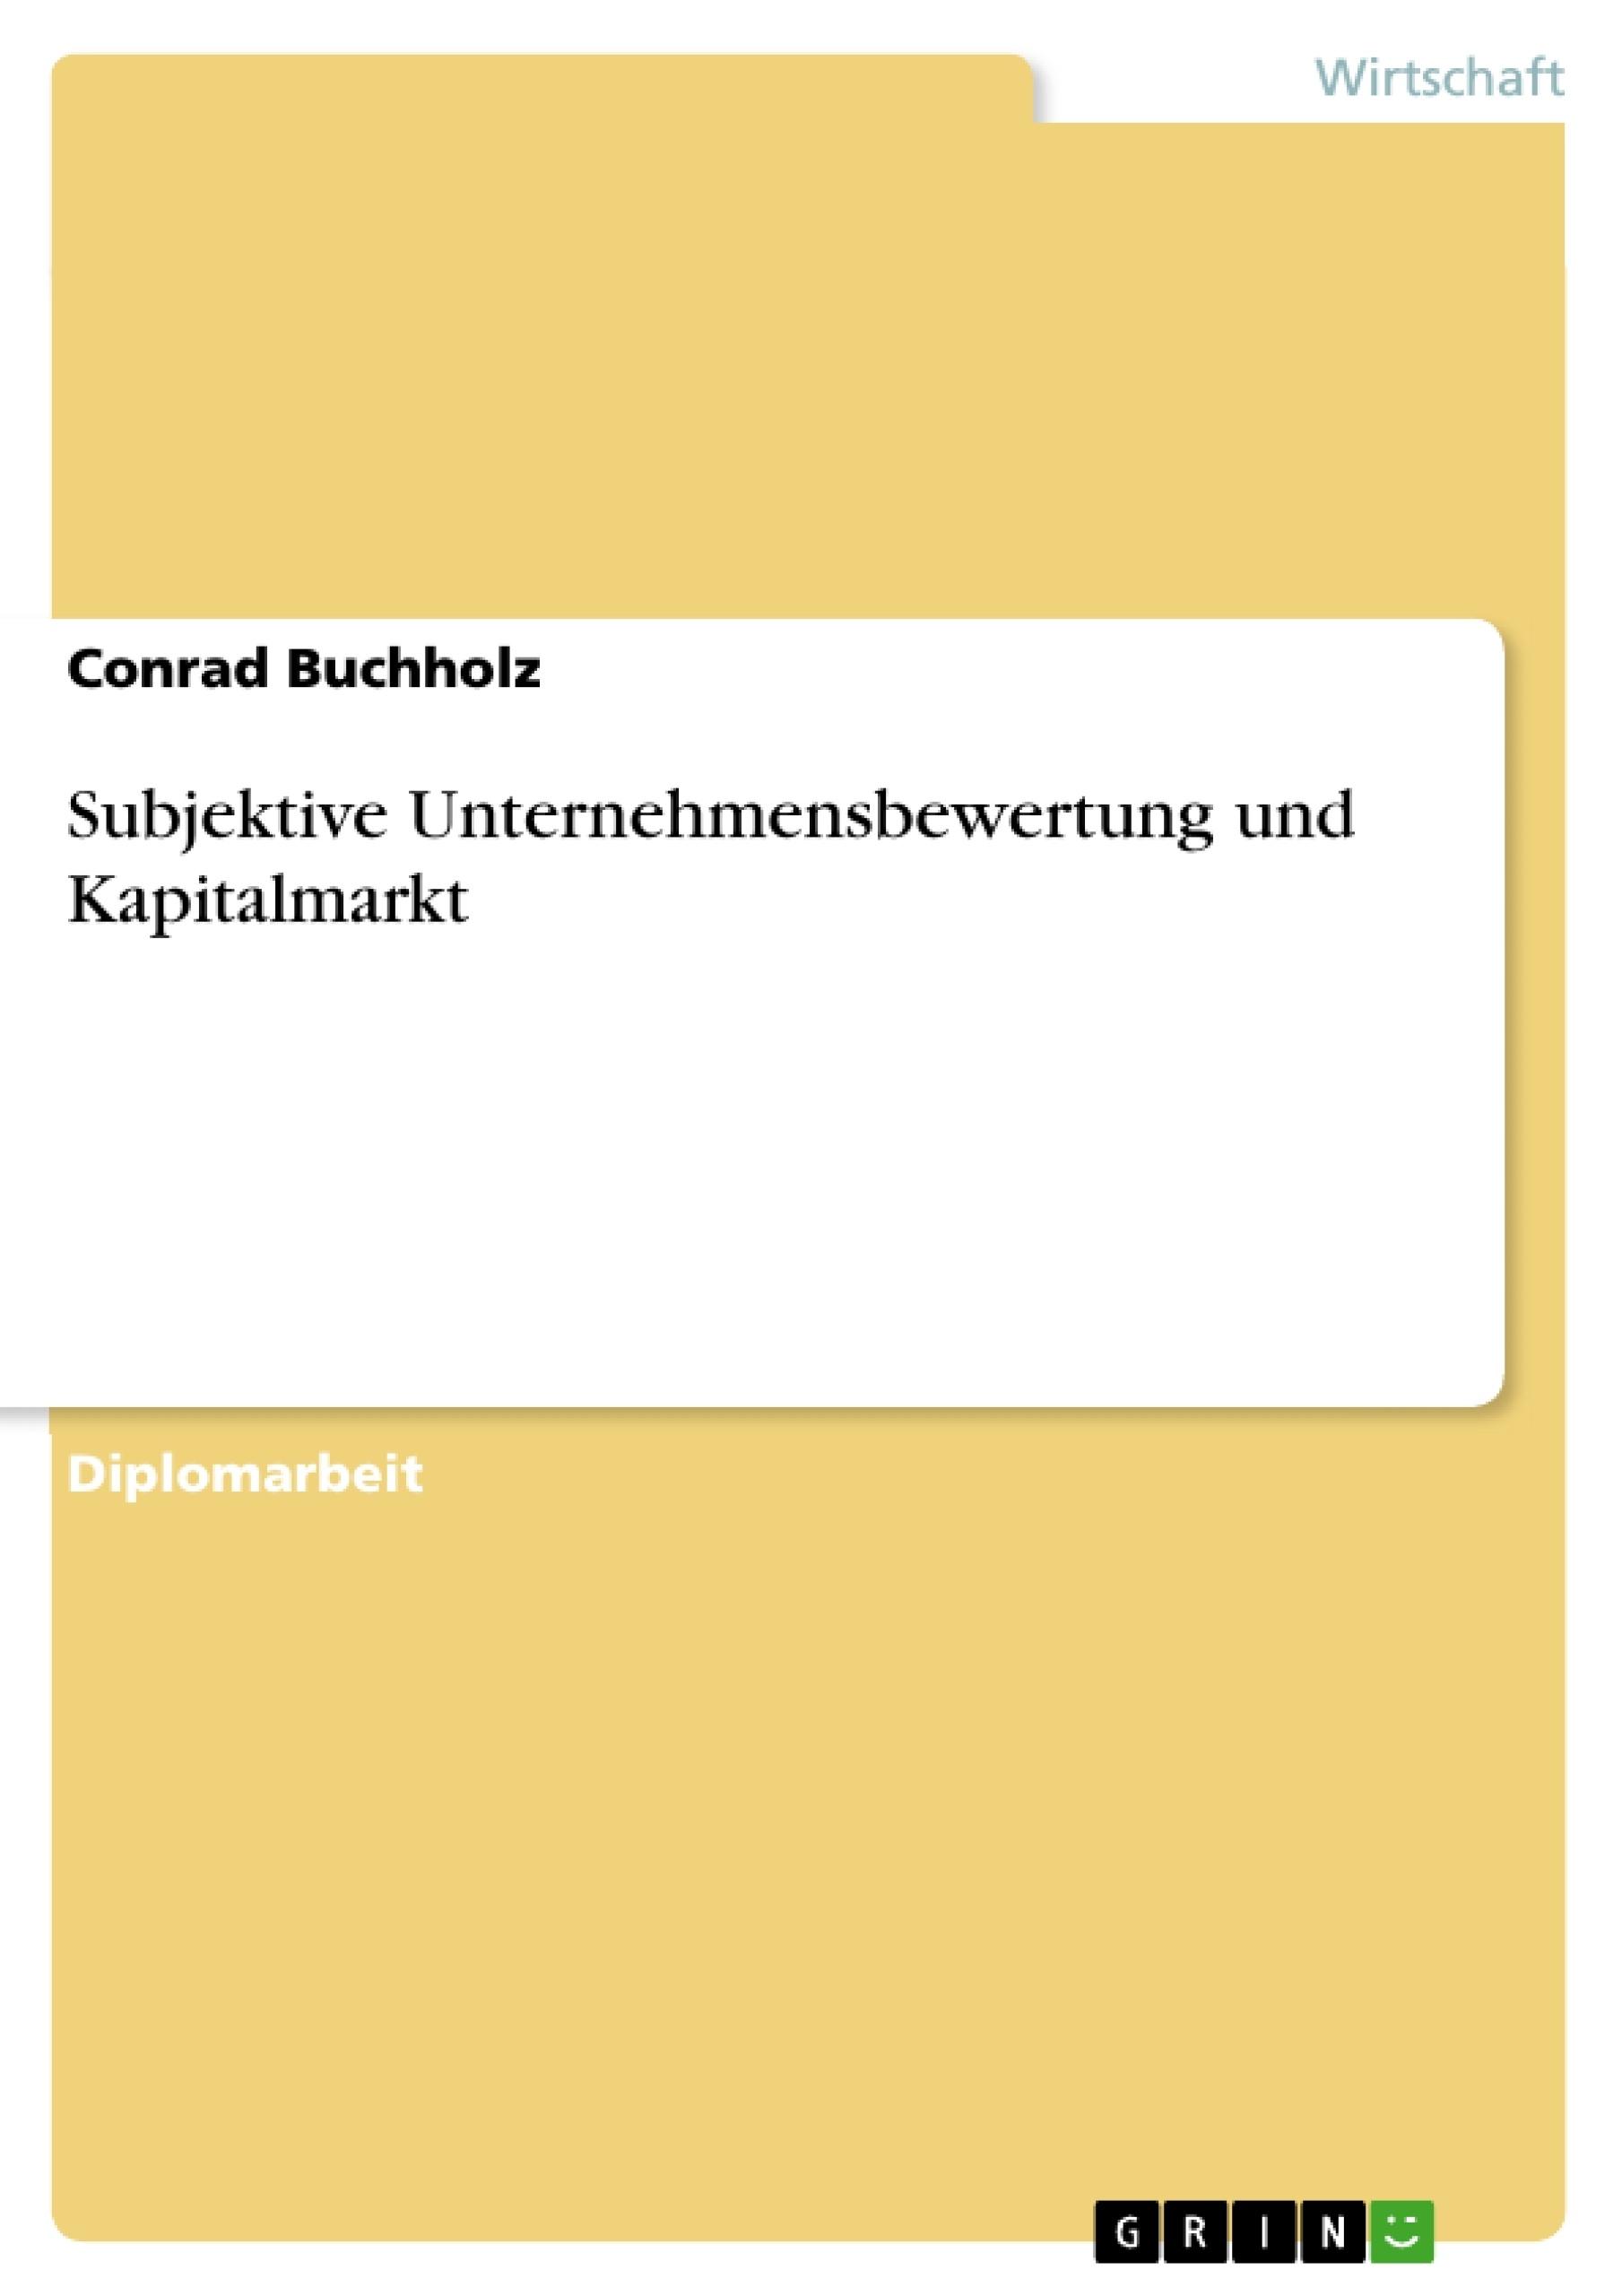 Titel: Subjektive Unternehmensbewertung und Kapitalmarkt